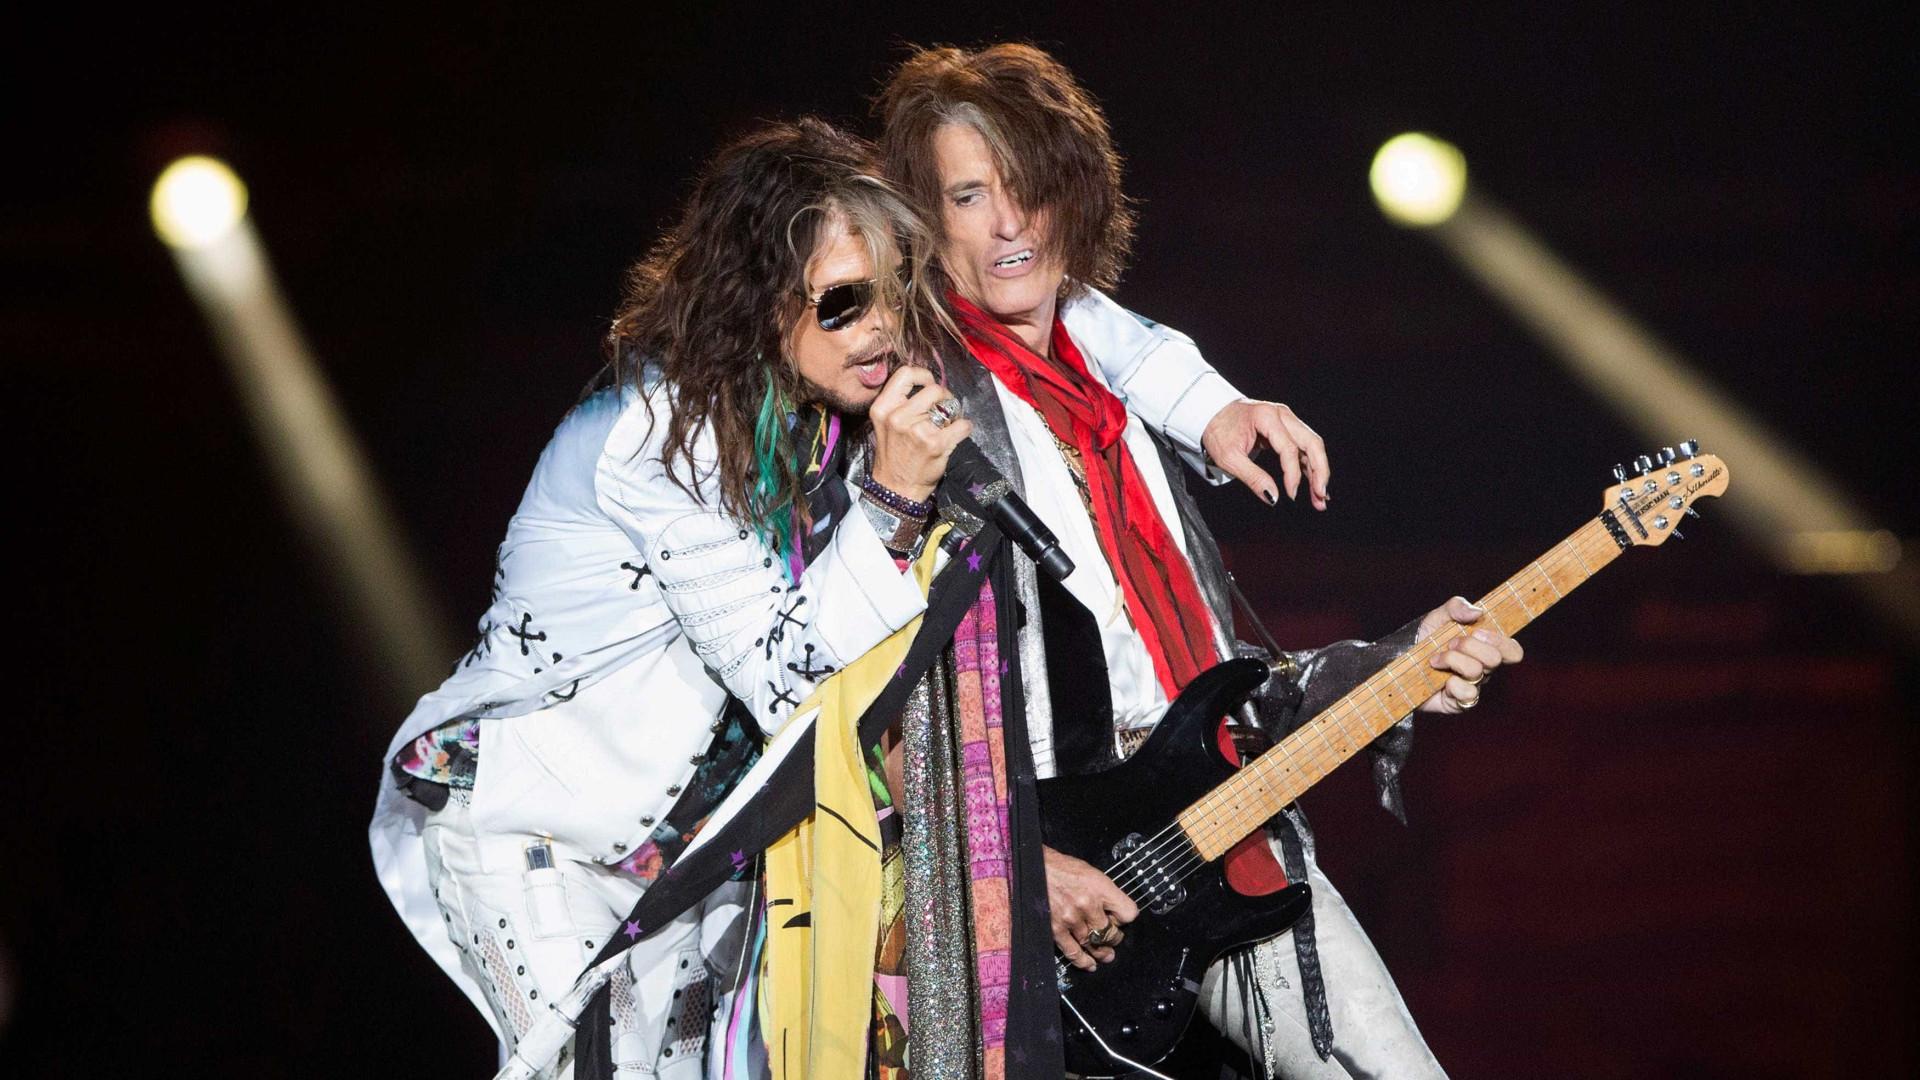 Concerto dos Aerosmith em Portugal adiado. Mas já há nova data